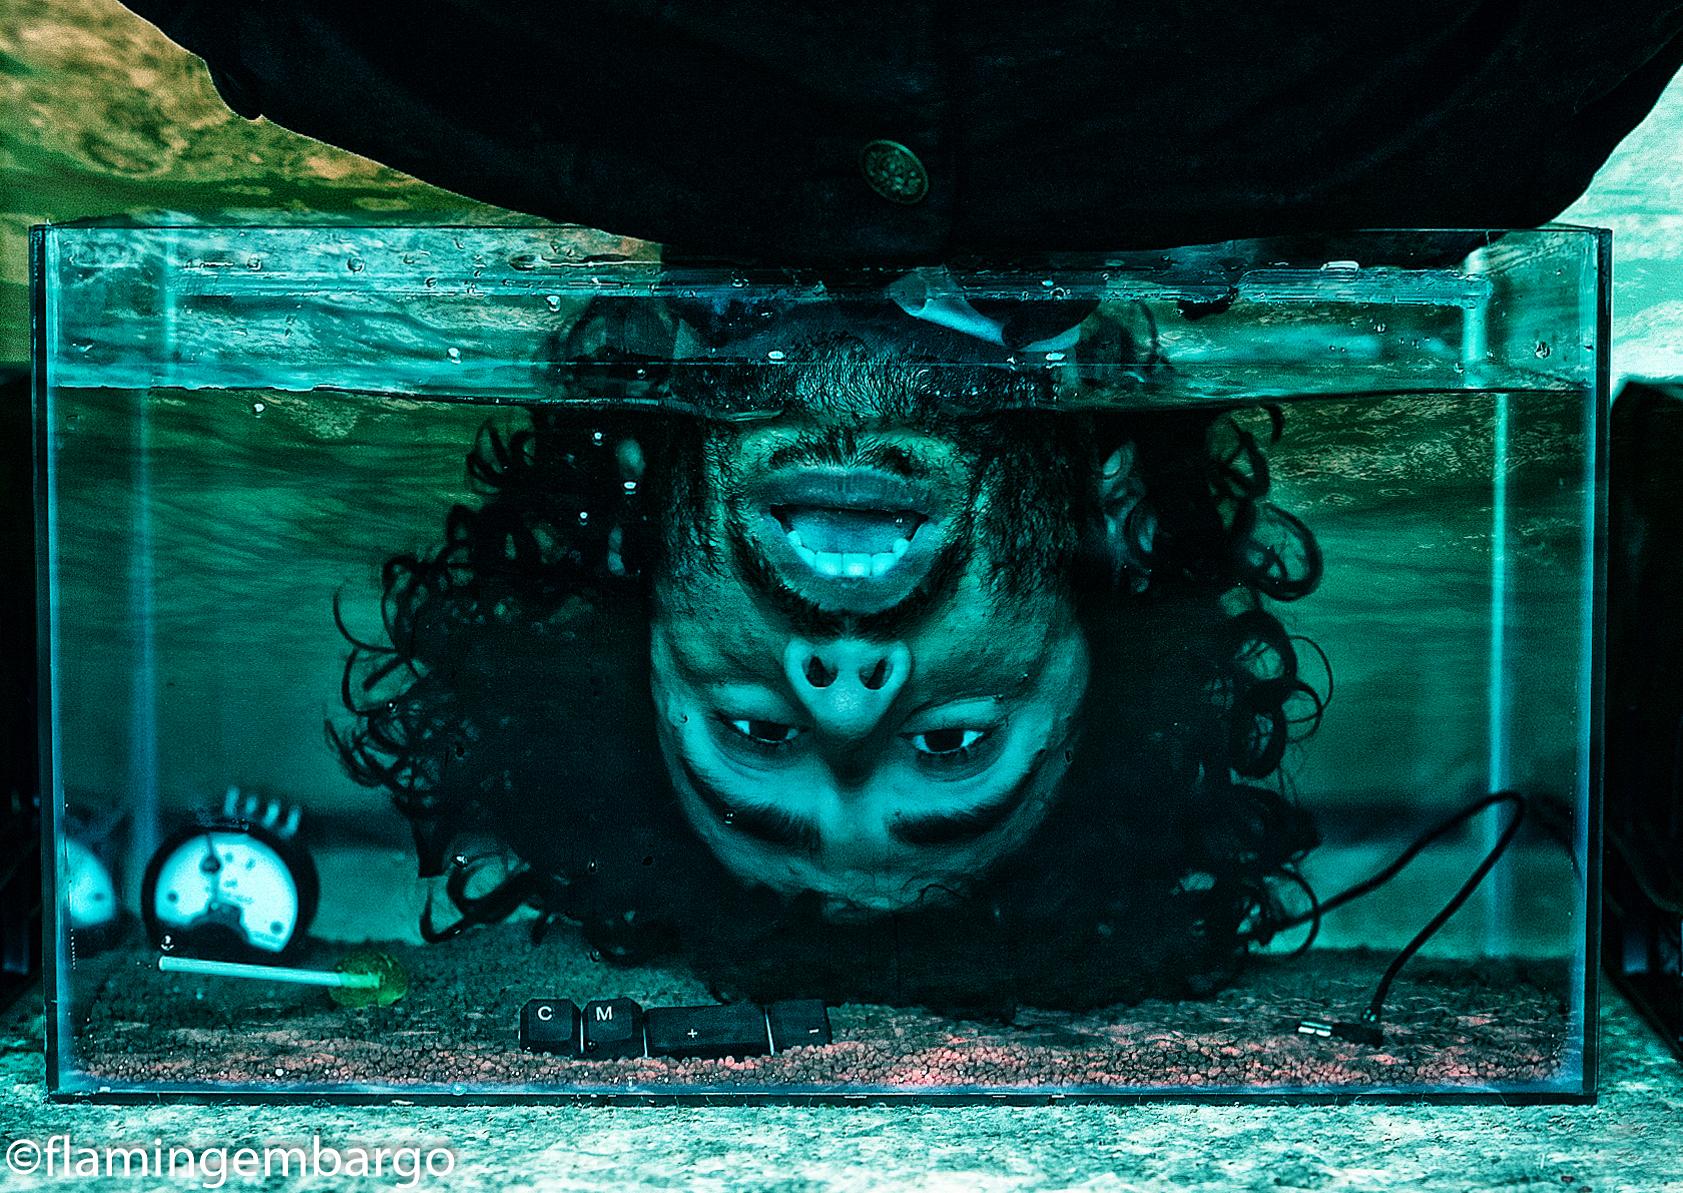 fishtankUncroppedSig.jpg